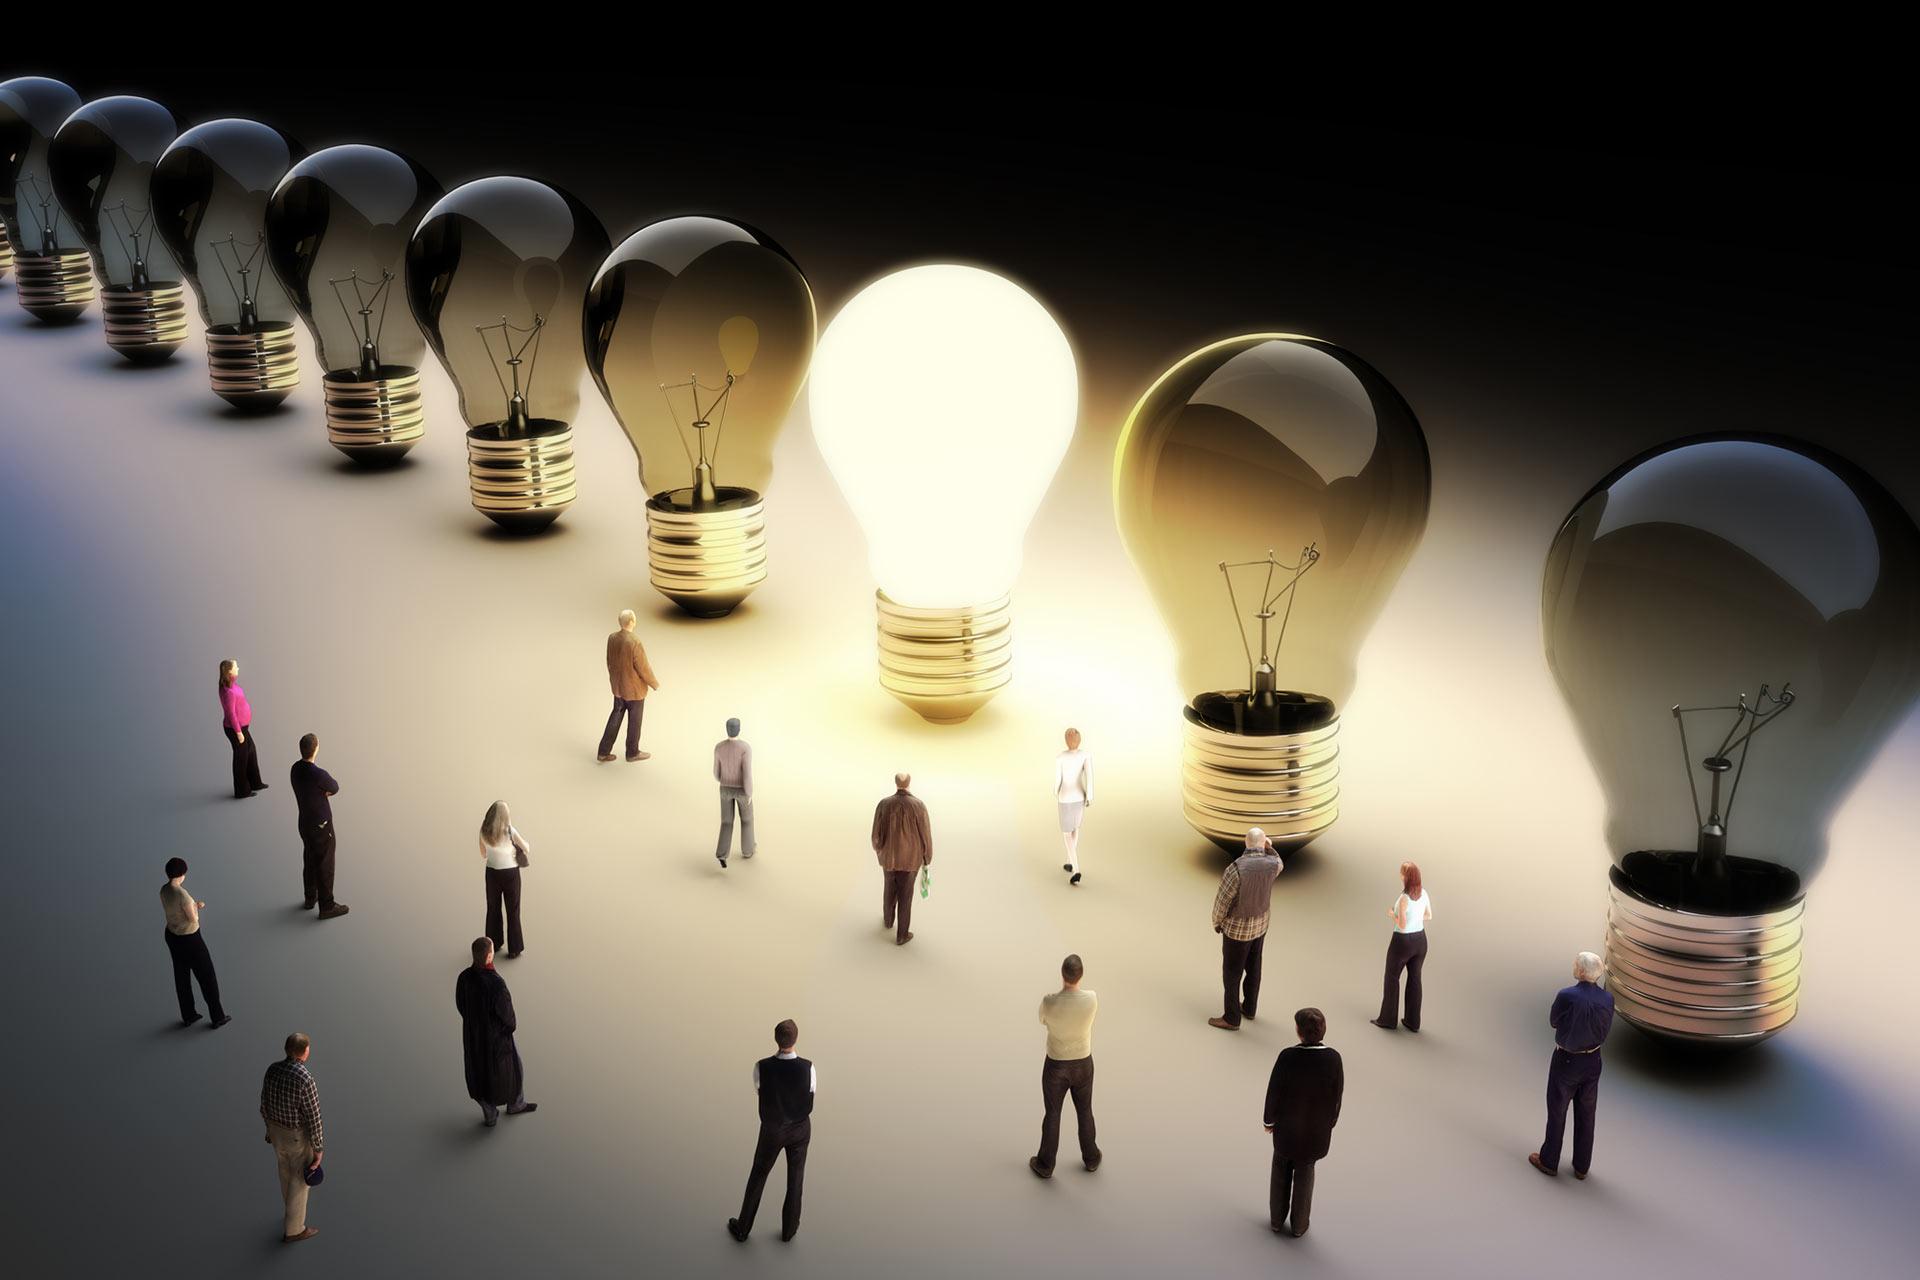 Вебинар: Создание преимуществ для отстройки от конкурентов